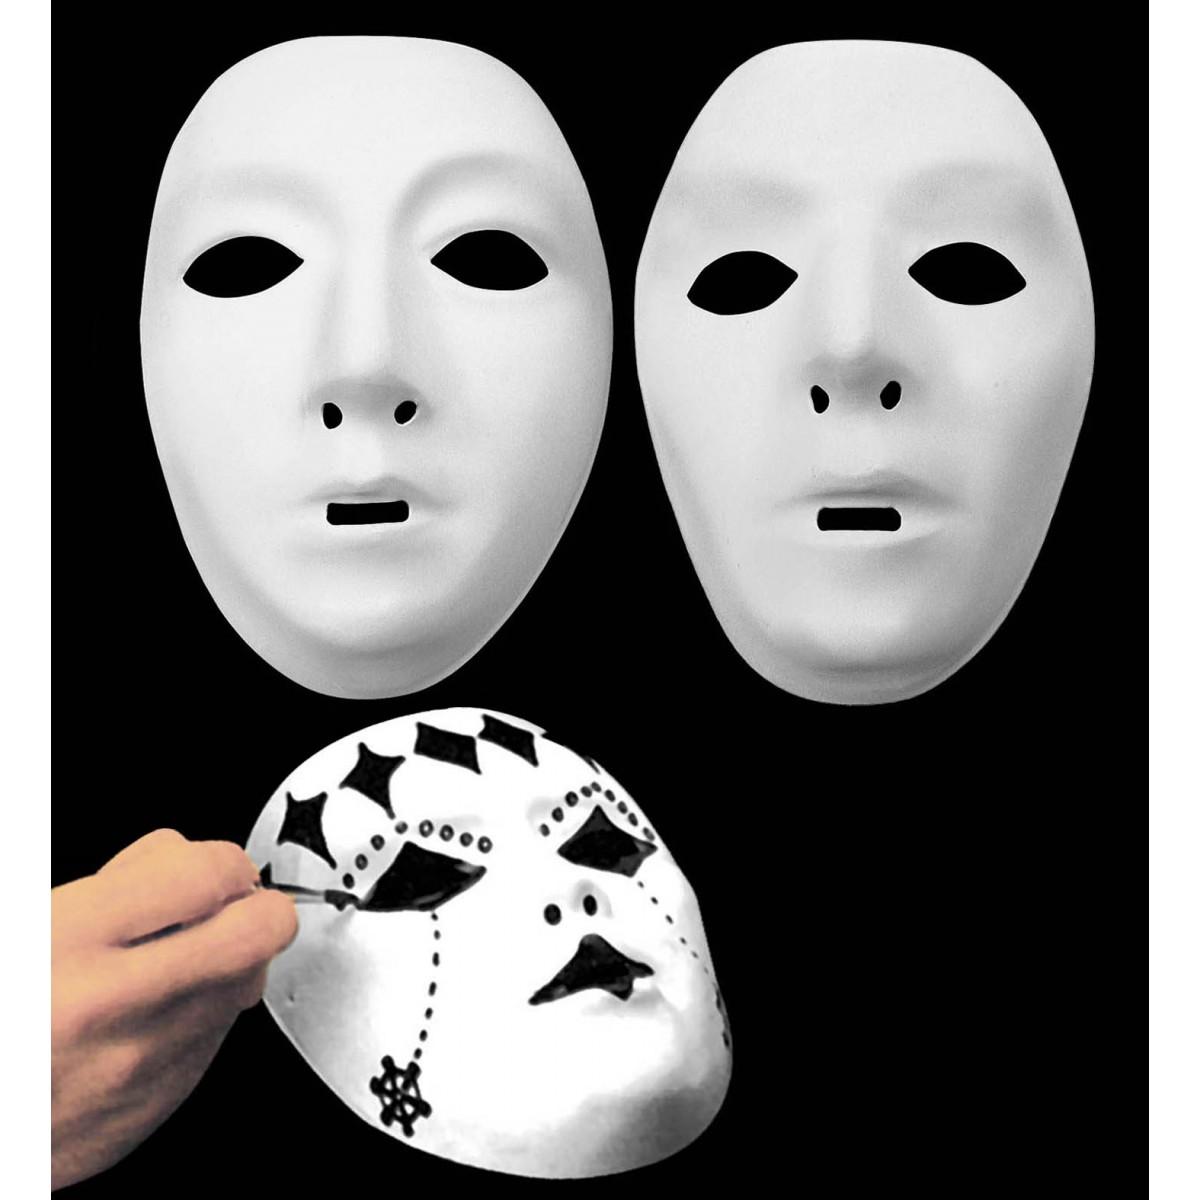 Maschera bianca neutra da dipingere